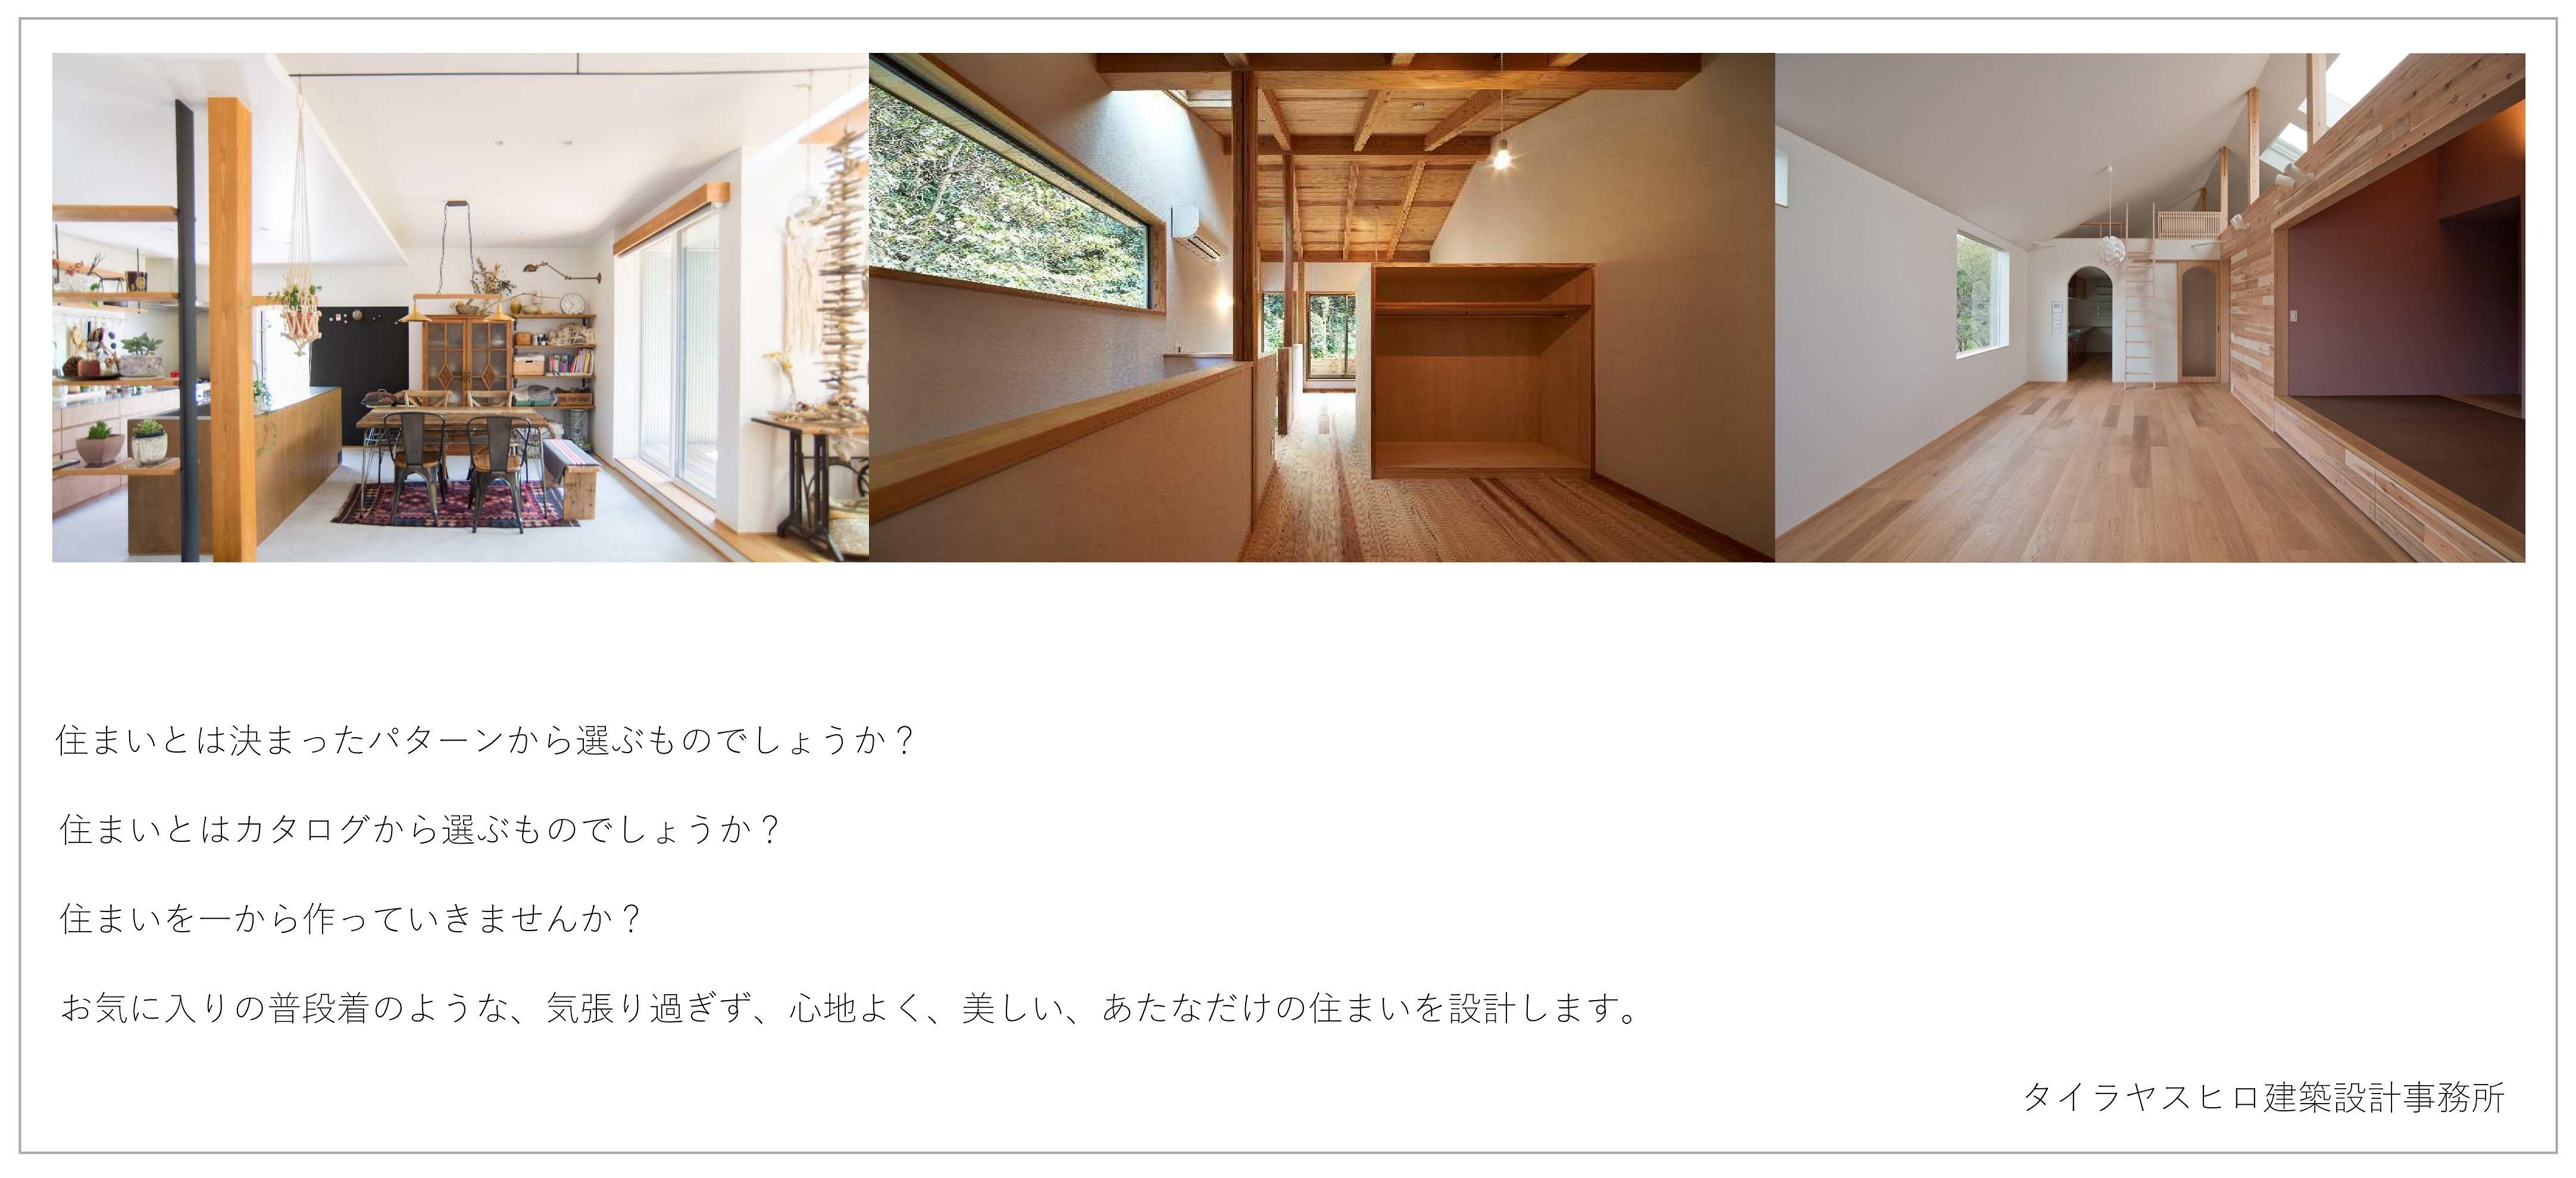 8月 2回目_設計相談会のお知らせ